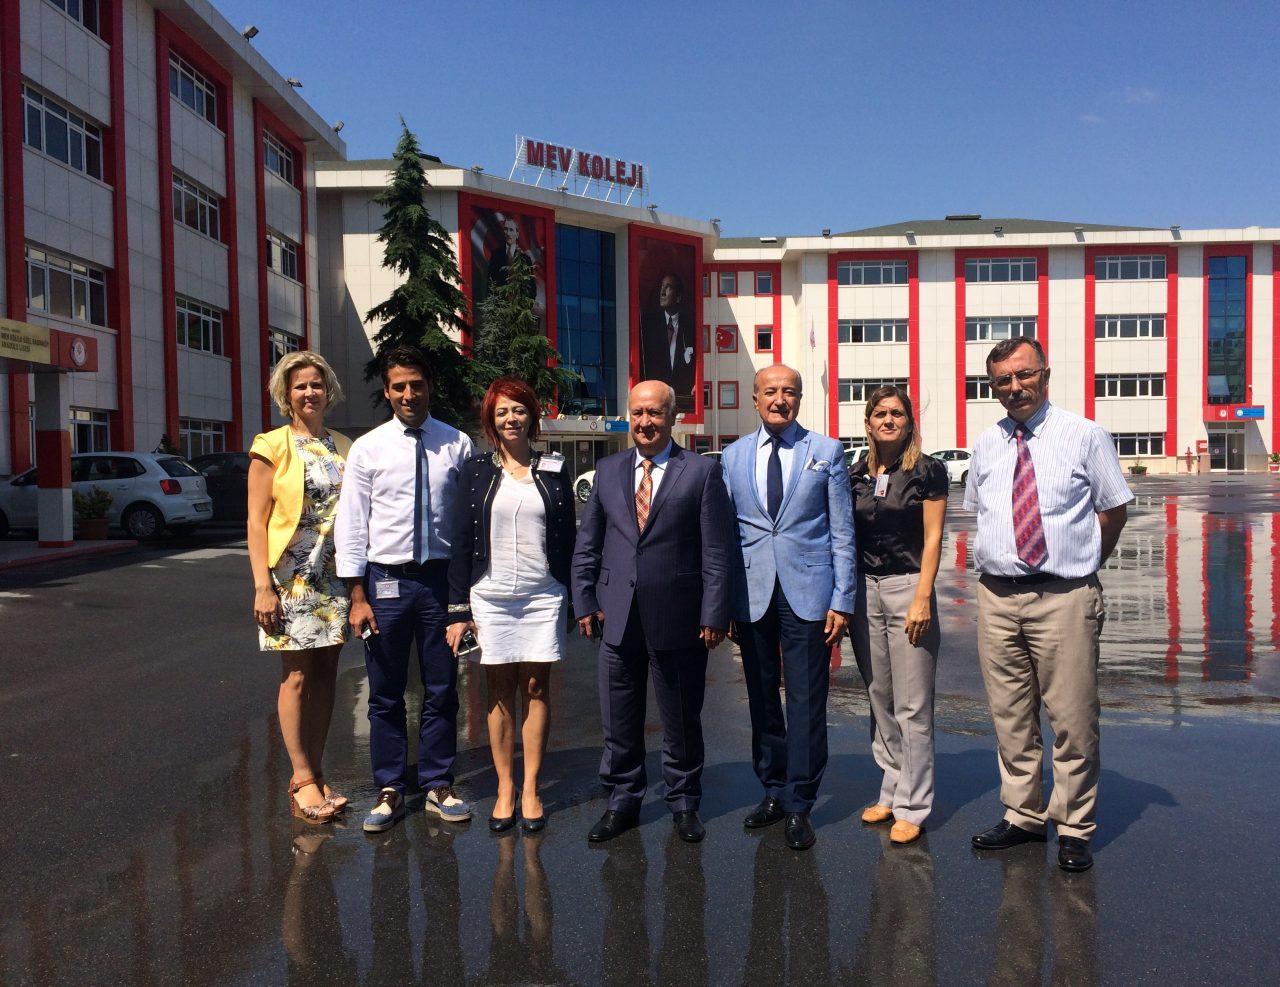 Milli Eğitim Vakfı Merkez Yönetim Kurulu Başkan Yardımcımız Okulumuzu Ziyaret Etti